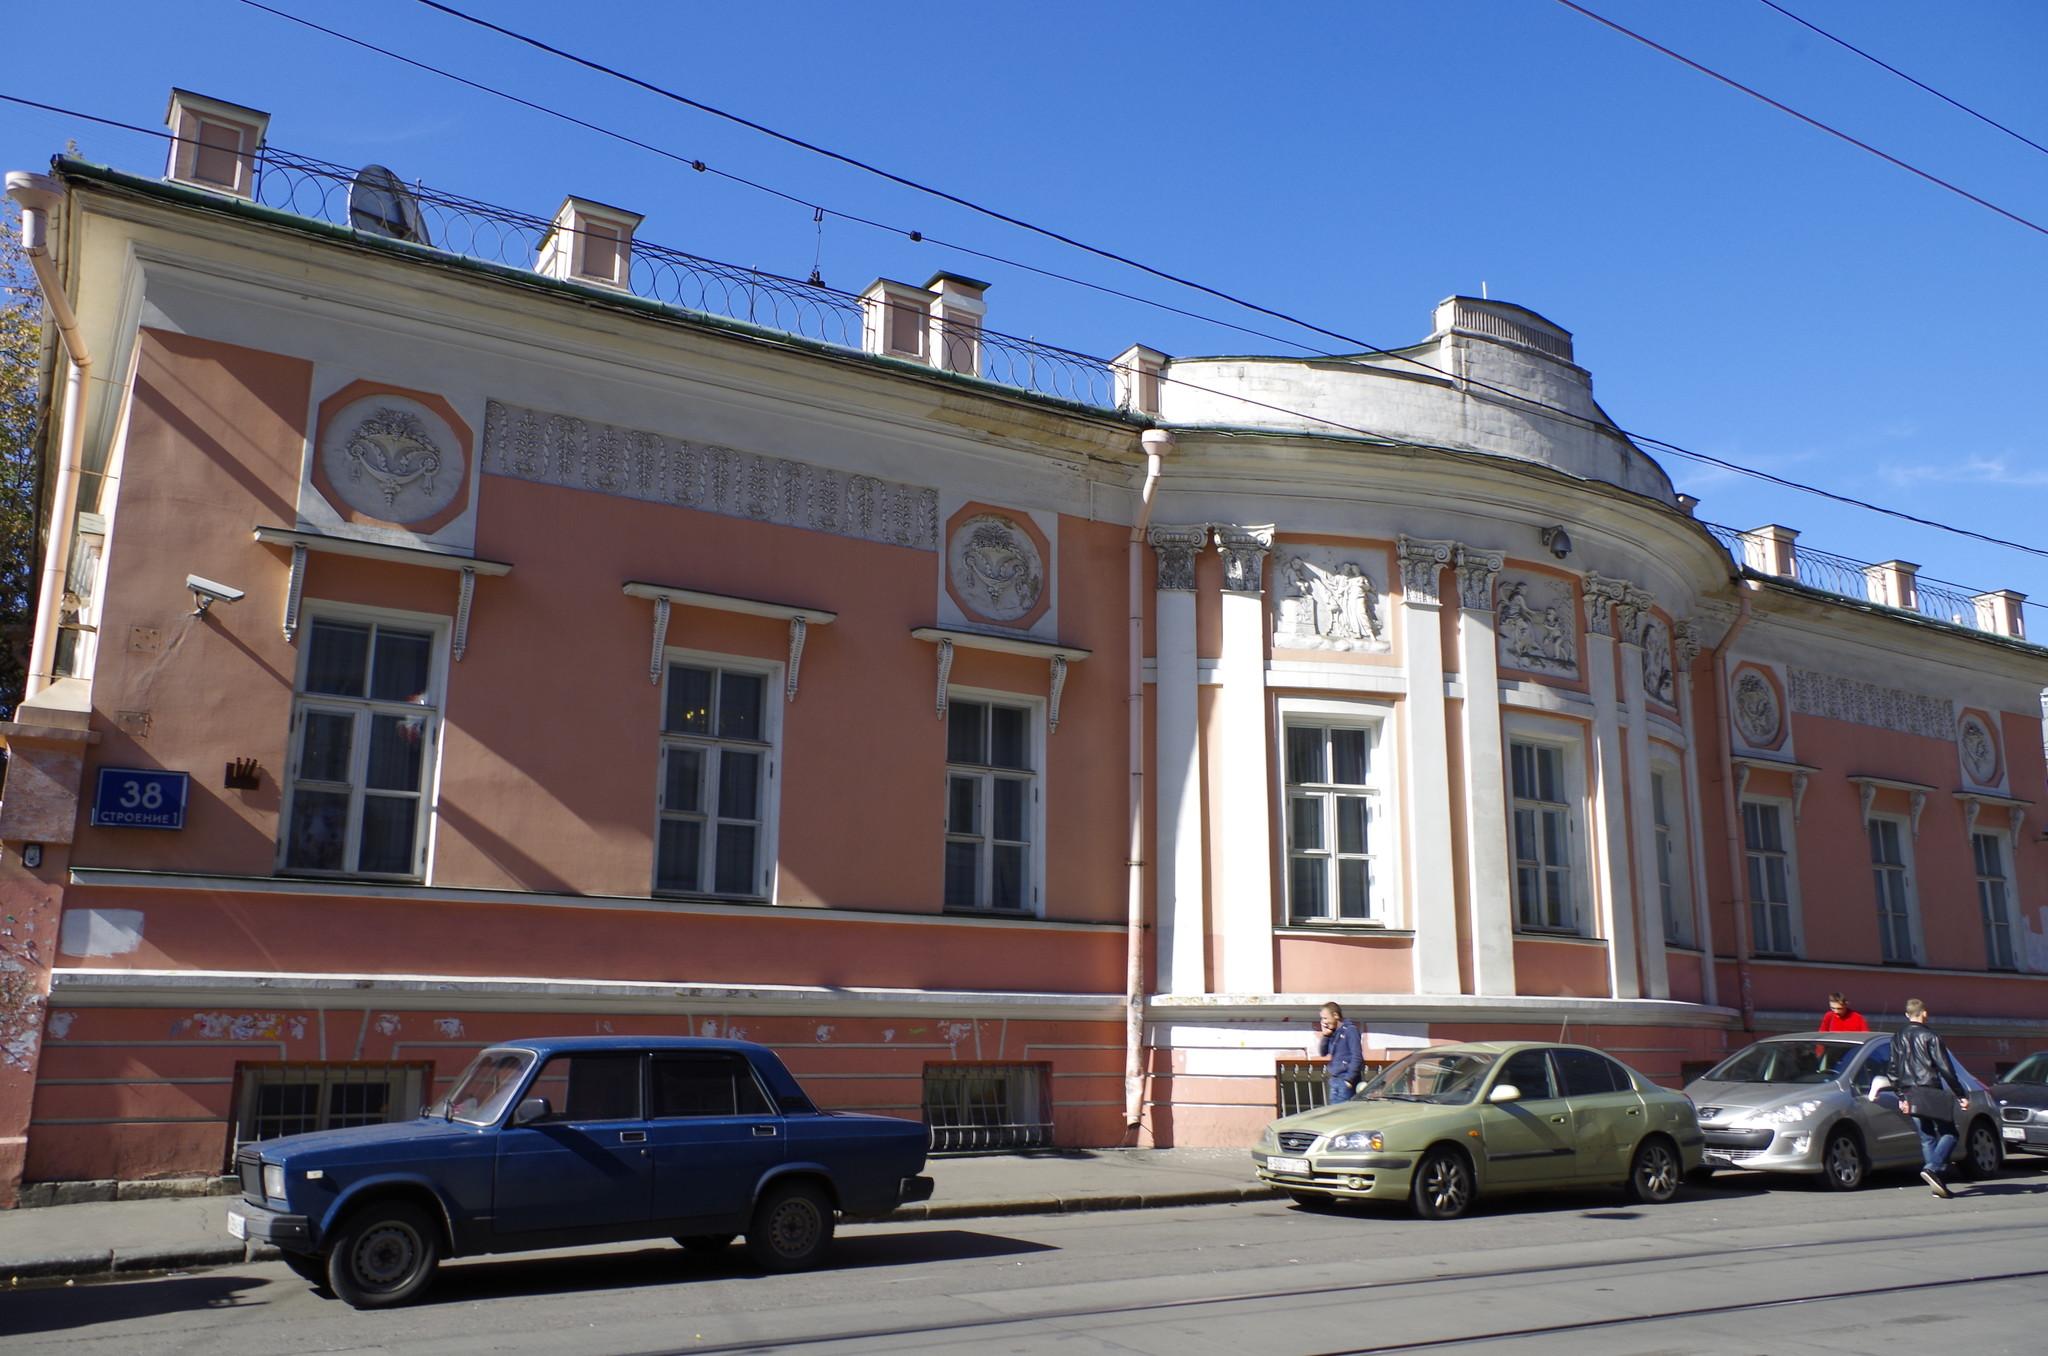 Дом Барабанова (Бауманская улица, дом 38)